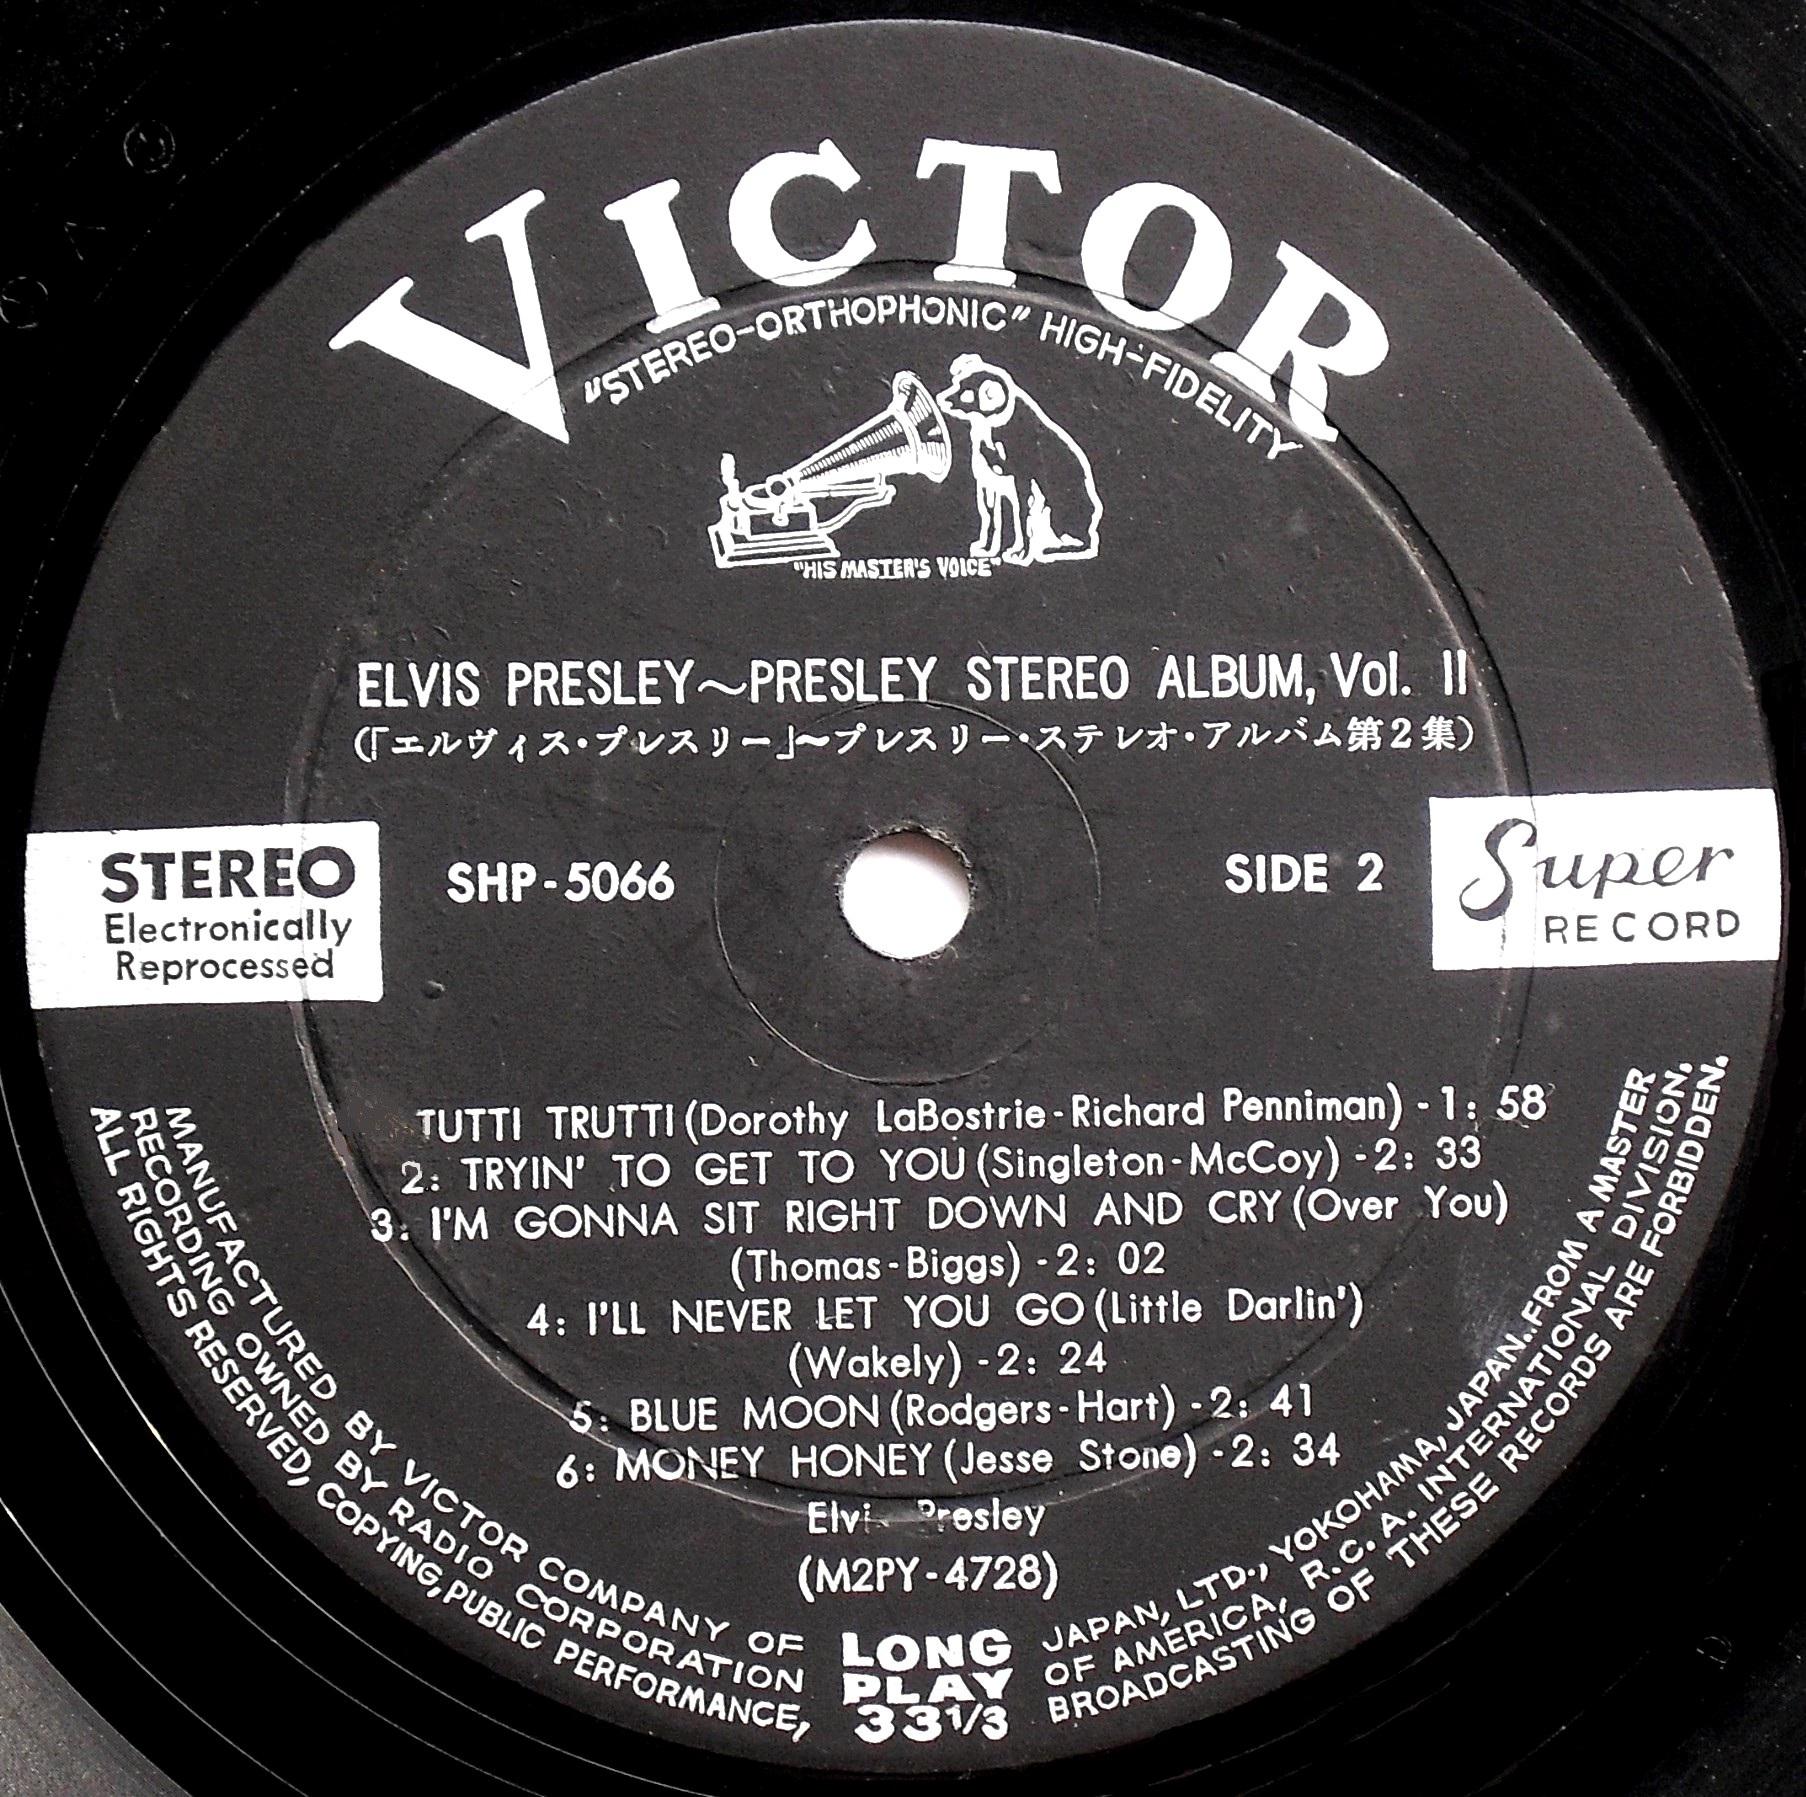 ELVIS PRESLEY 03s25gsp2